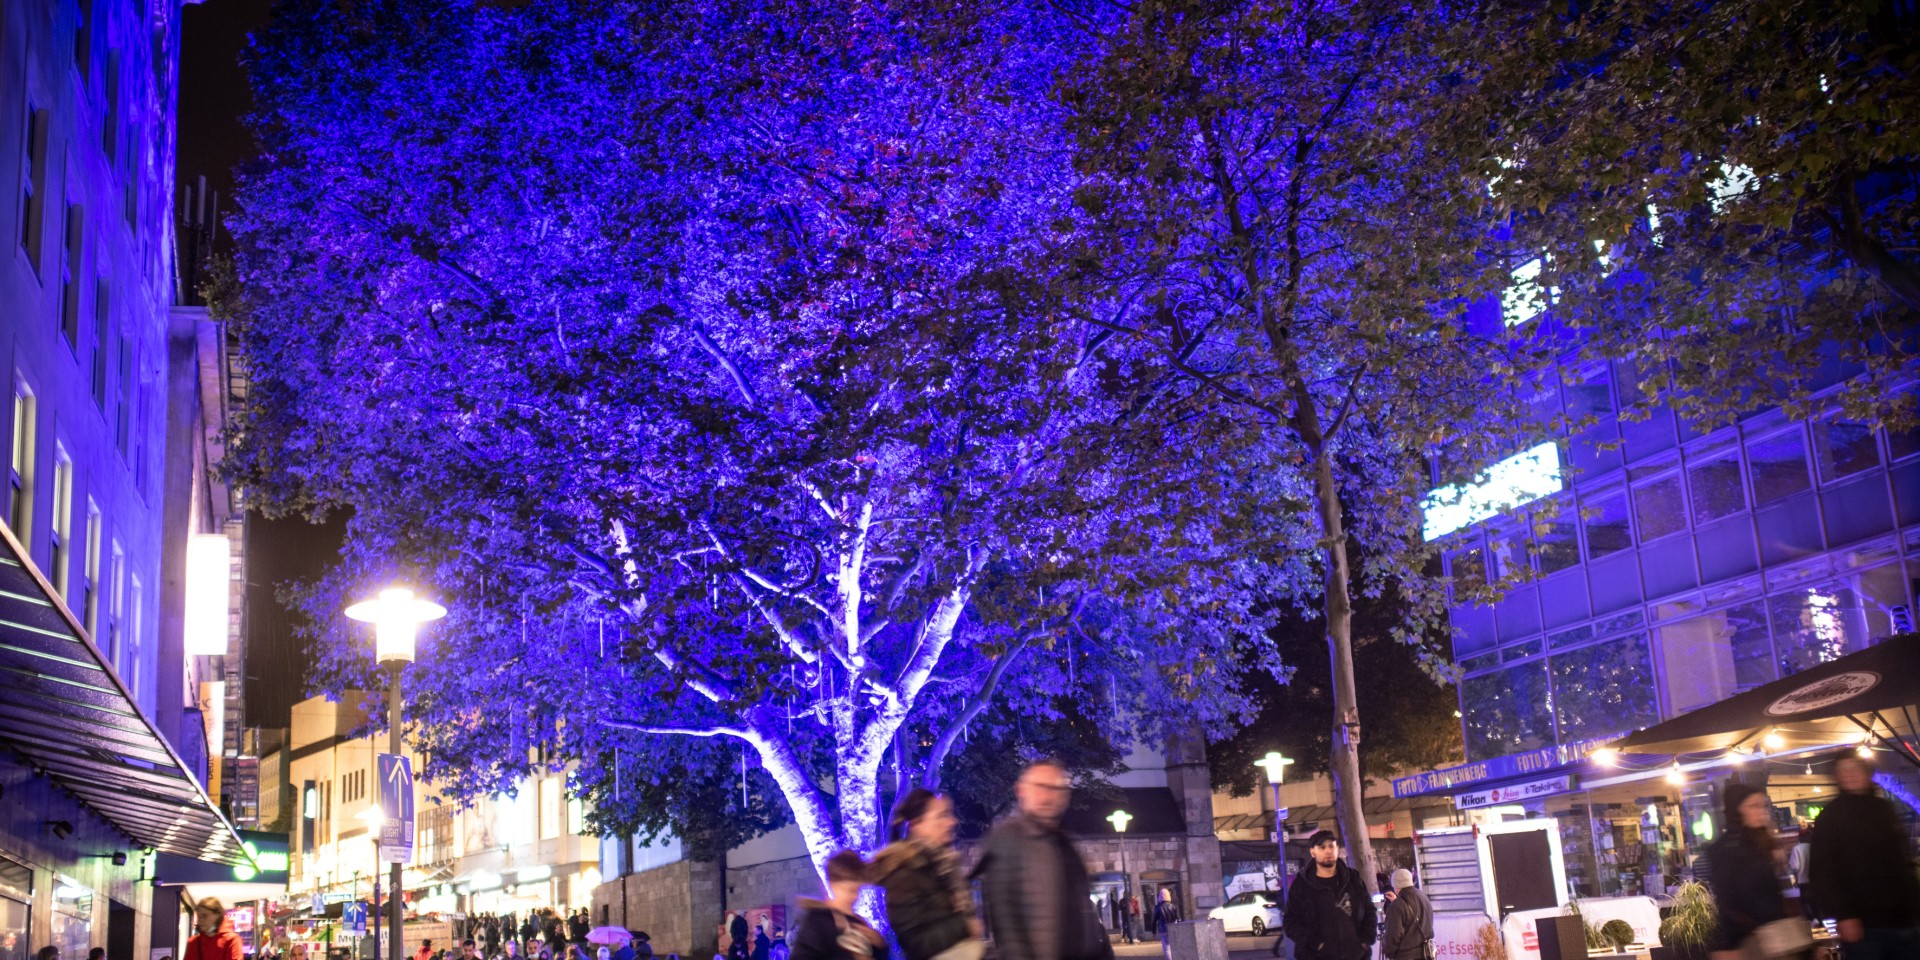 #6 Baum der Wünsche